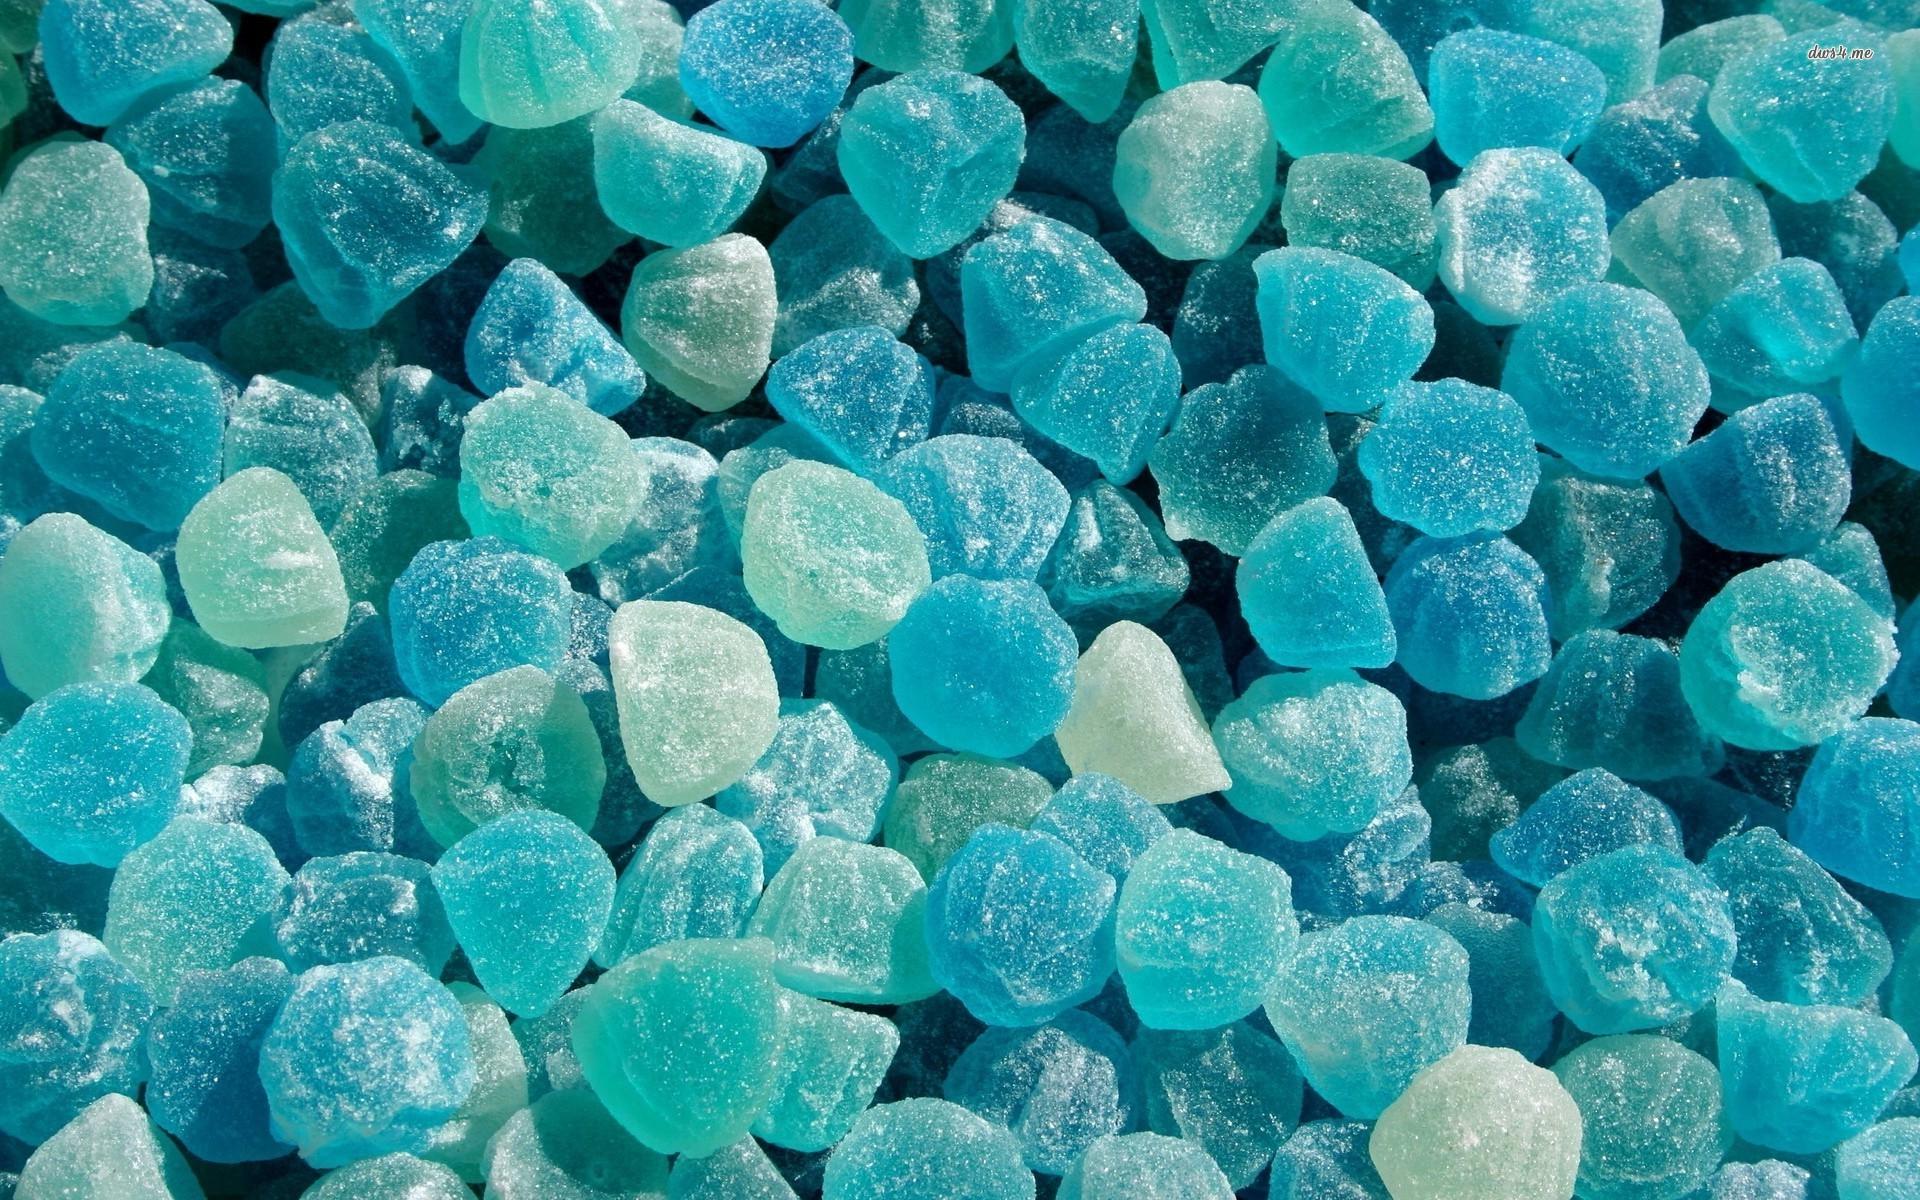 grünlich blauer Twitter Header   Tapete tumblr hd   20x20 ...